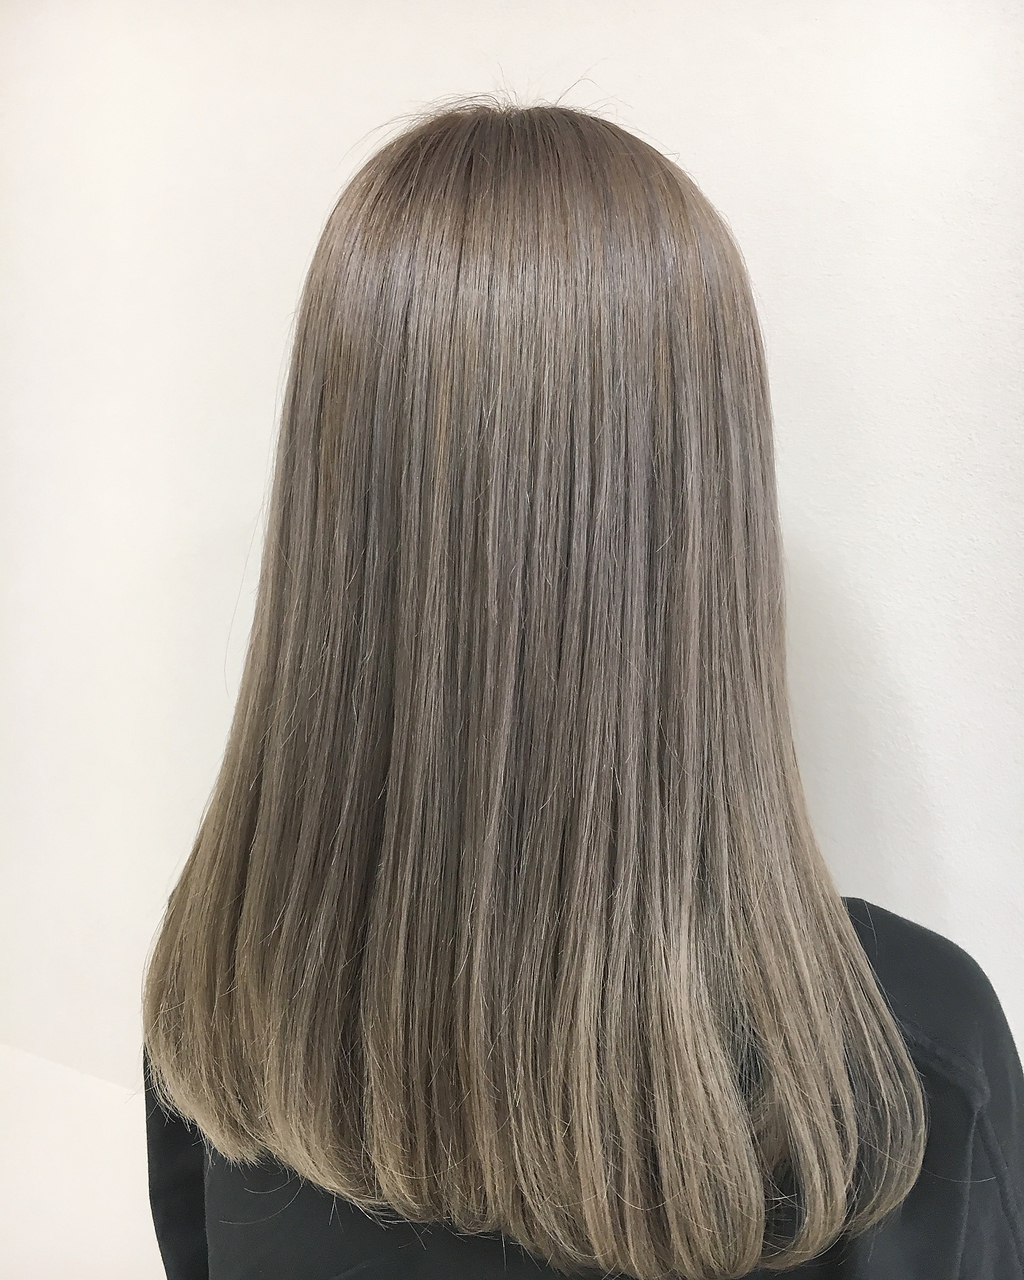 100通り以上から選ぶオーダーメイドのヘアケアプログラム【Aujua】で貴女だけのヘアケアで理想の髪へ…